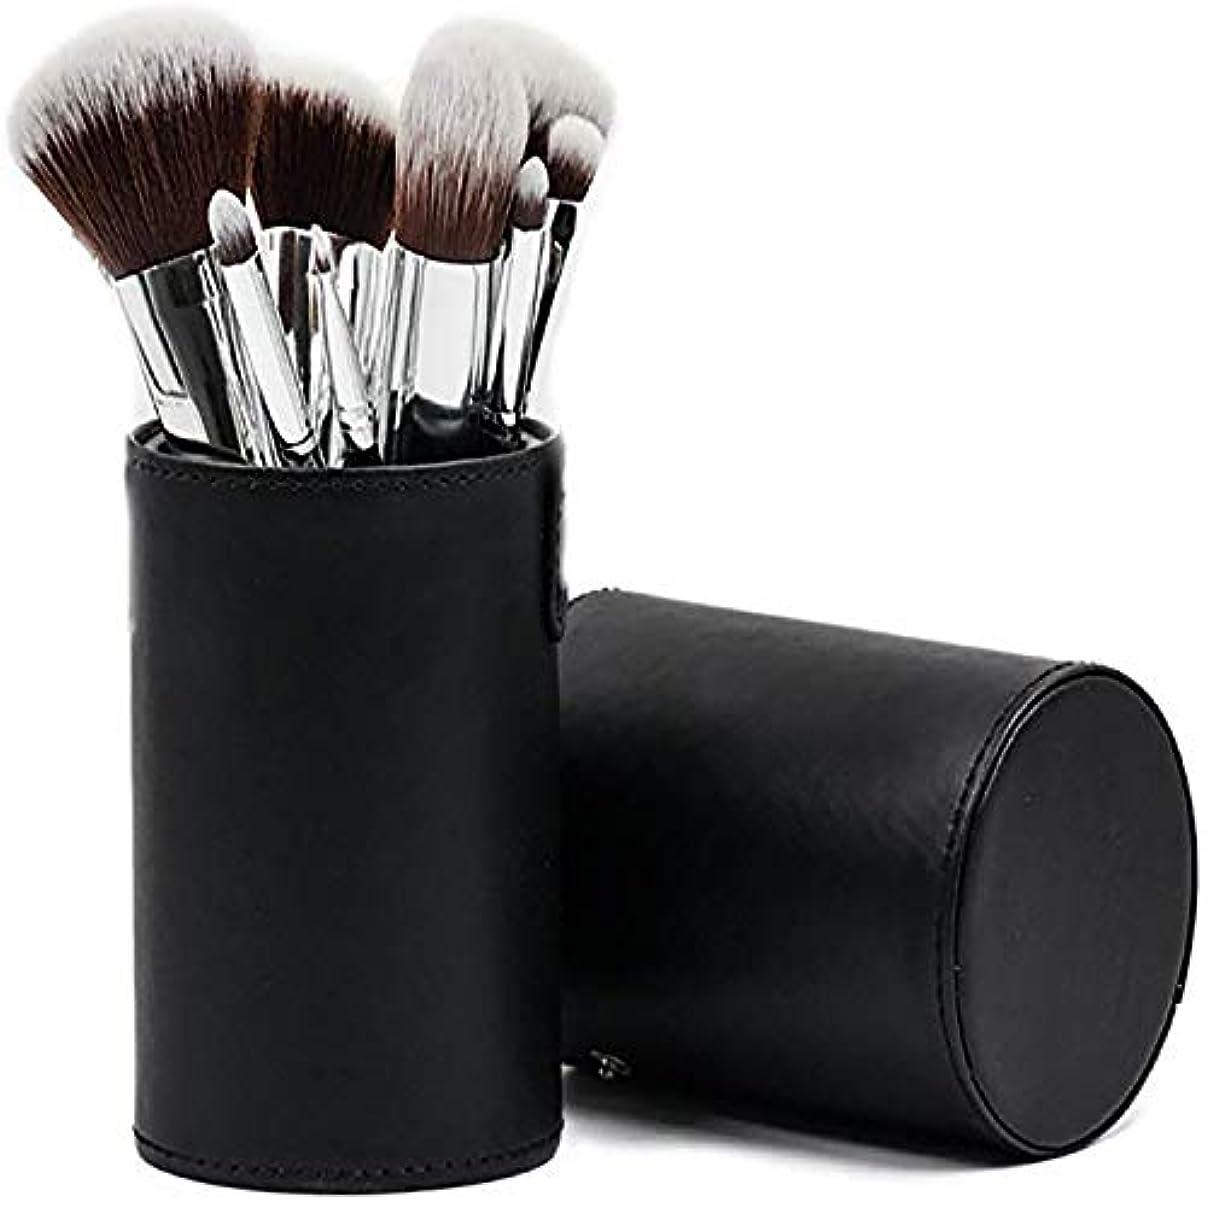 合理化反乱結果[Huadoud]メイクブラシ 11本セット 化粧筆 フ ェイスブラシ 化粧ブラシ ブラック 収納ケース付き SCW-HZshua-11